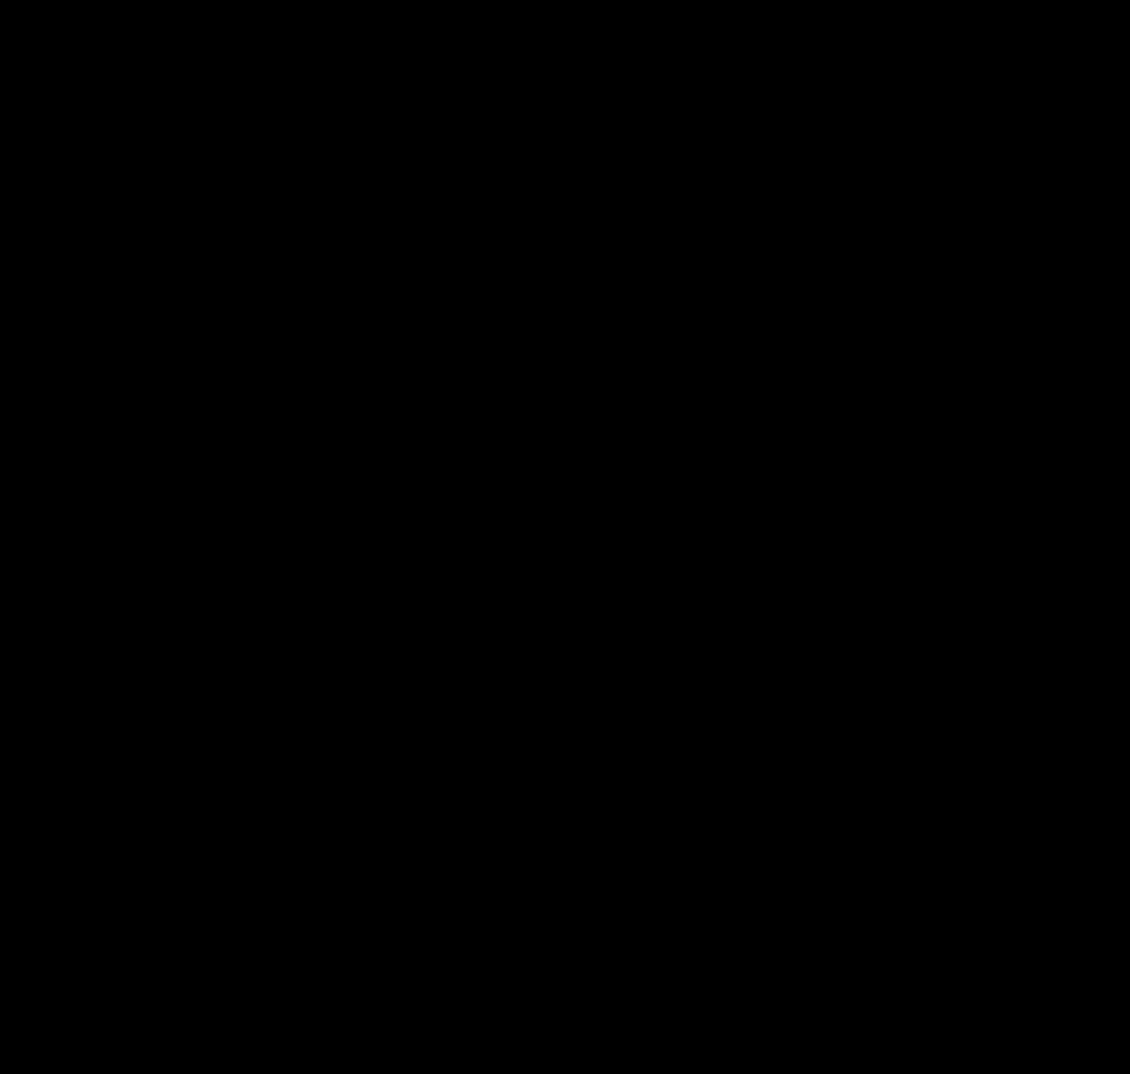 LEO KLEIN - SNAPCHAT – LOGOS COLORIDOS PARA SEU BLOG, URL PERSONALIZADA E ÚLTIMA ATUALIZAÇÃO